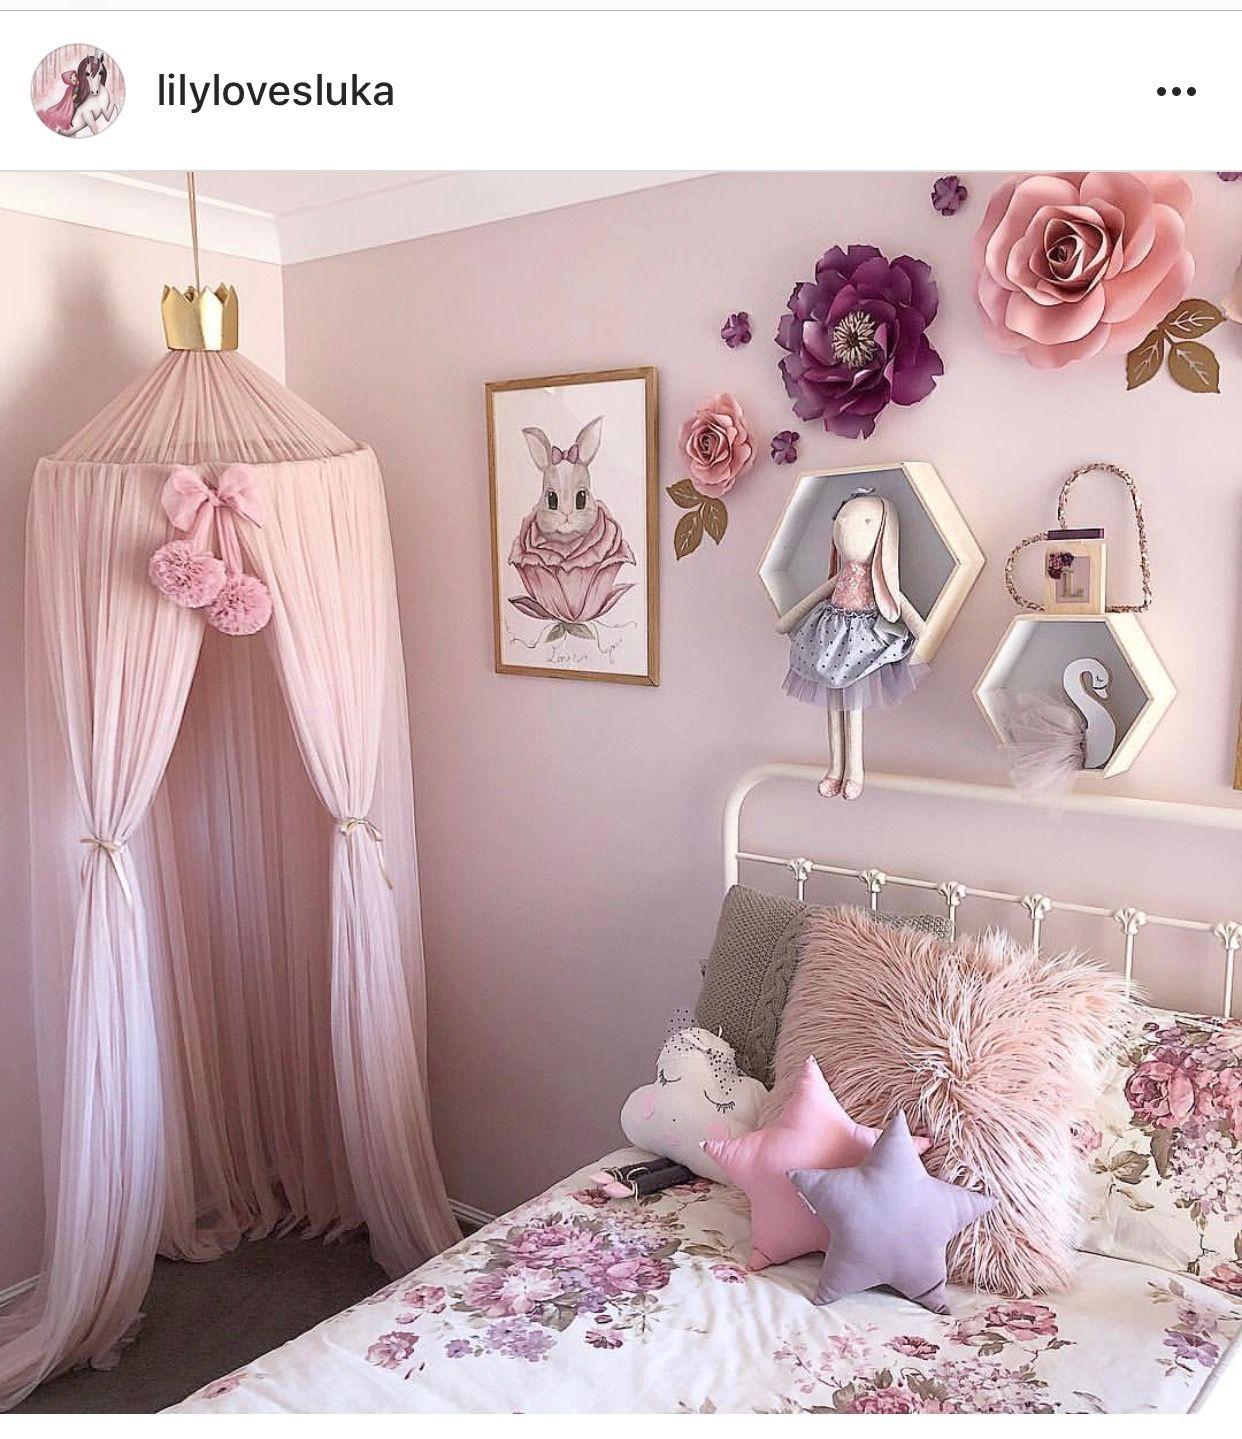 Einzigartig Wohnung Schlafzimmer Design Ideen Dekorieren: Pin De Dayana En Cuarto Antonella